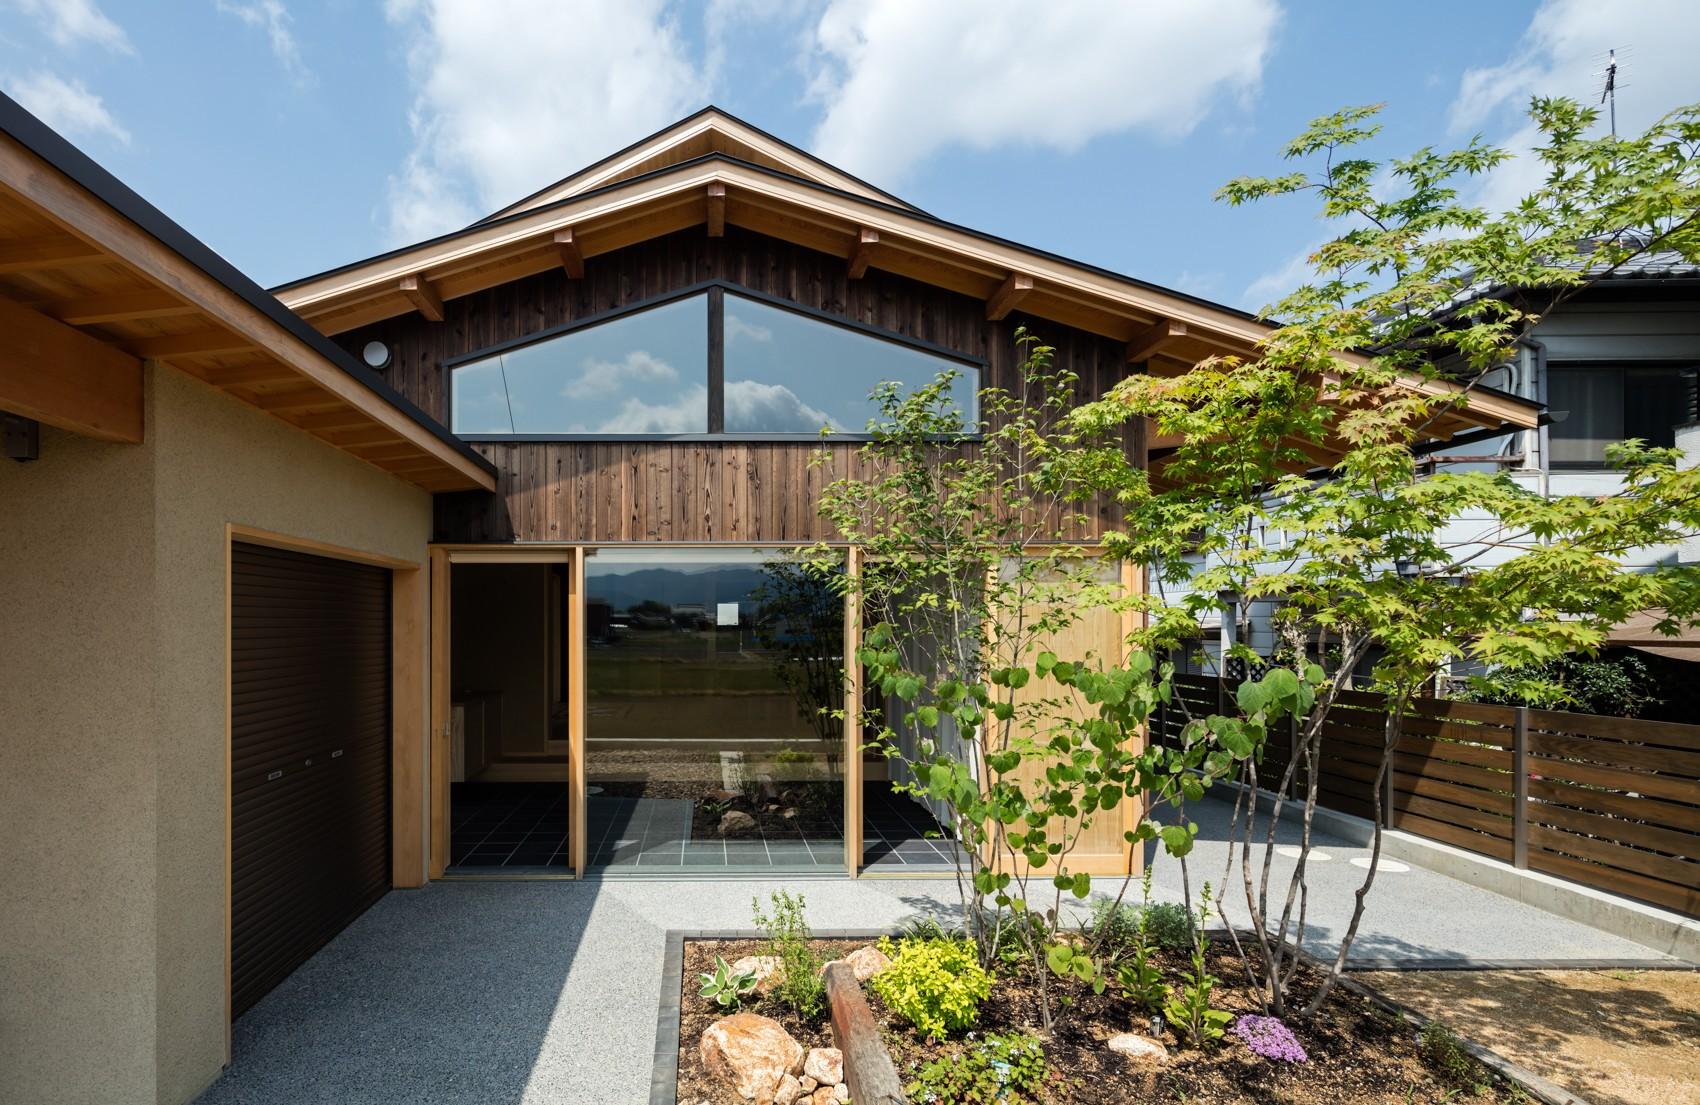 外観事例:平屋のような佇まい(眺望とお庭を楽しむ|火のある暮らしを楽しむ住まい 天理の家)